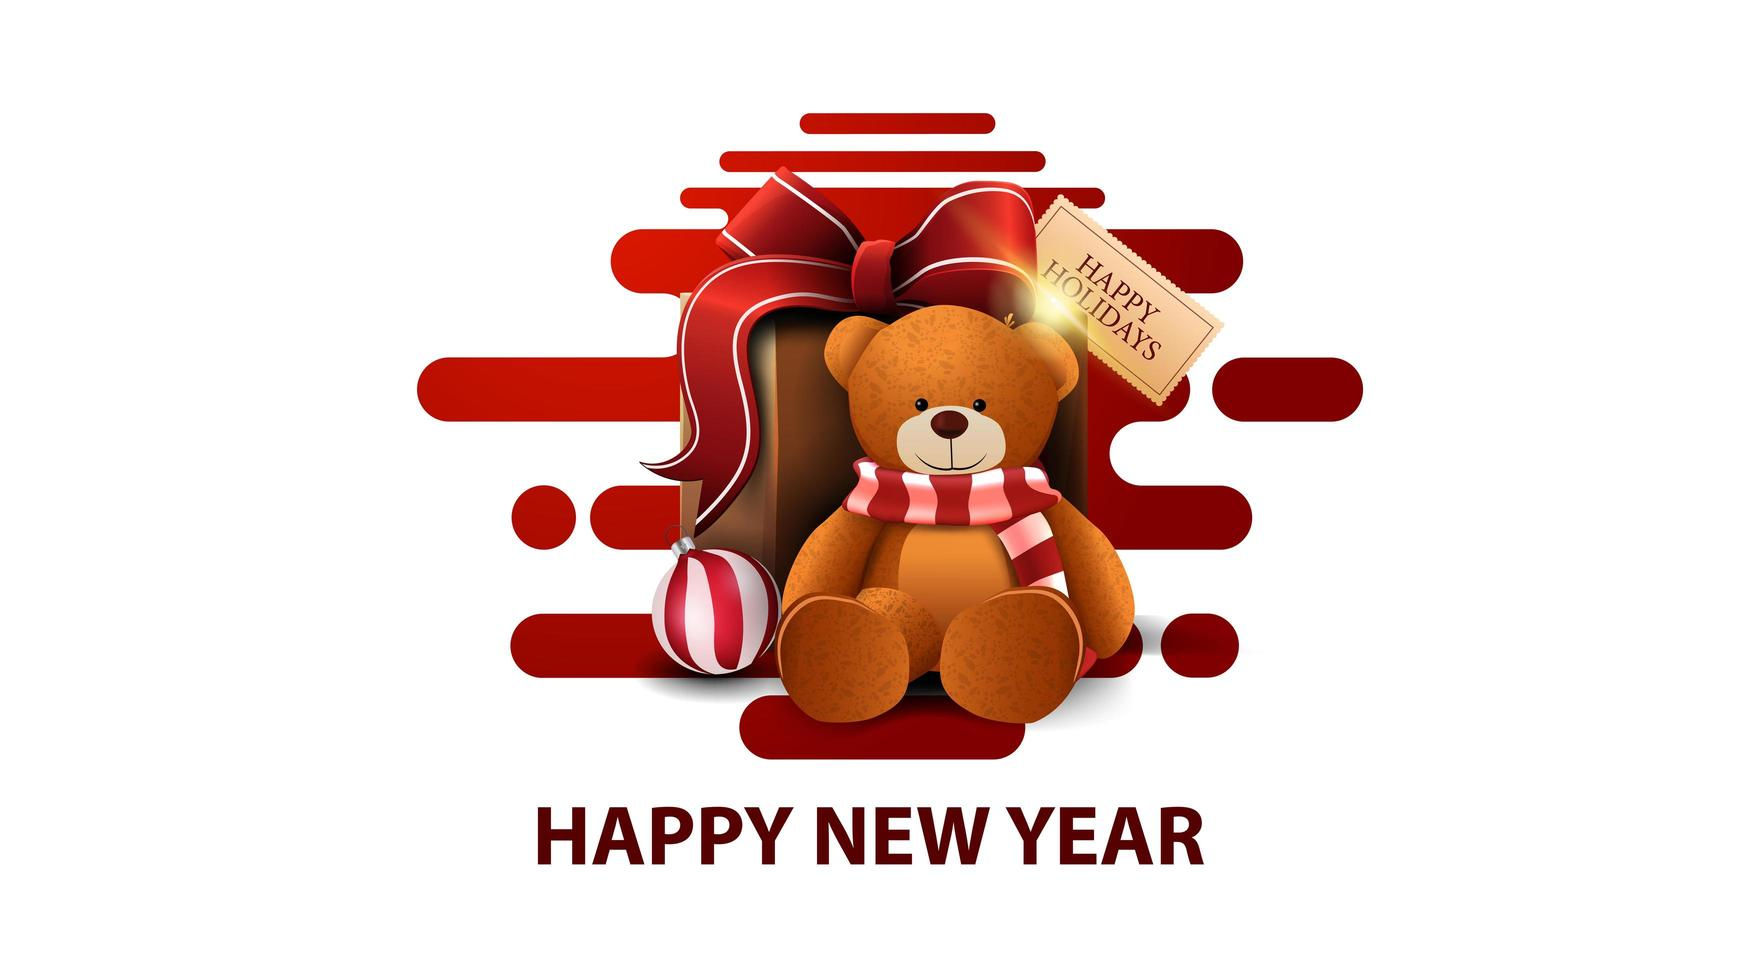 Feliz año nuevo, postal moderna blanca con formas líquidas abstractas rojas y presente con osito de peluche vector